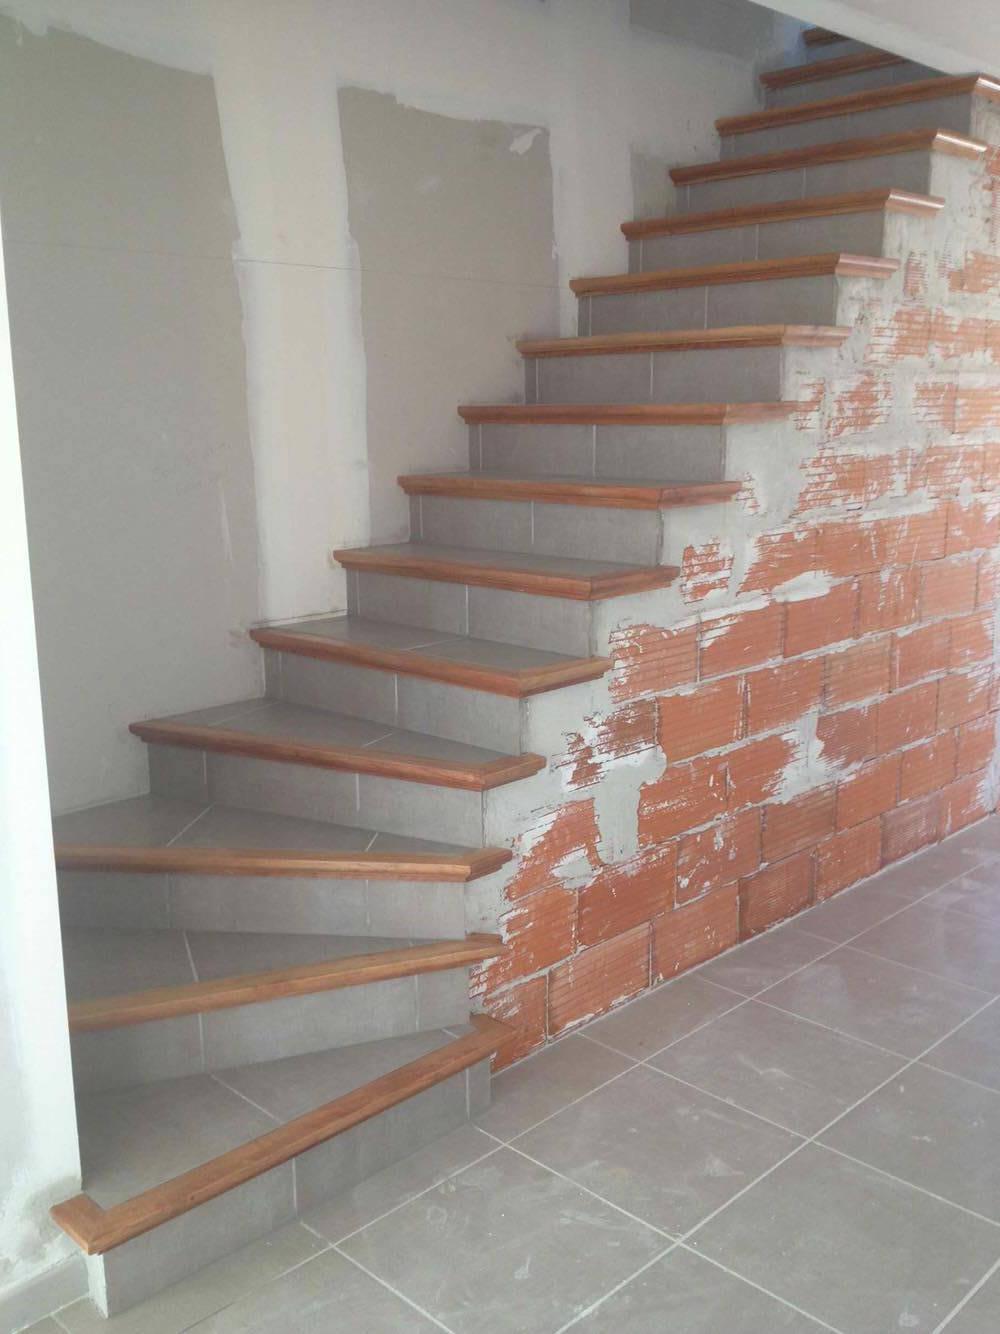 Fabrication Et Pose D Escalier En Beton Carrele A Carcassonne Et Toulouse